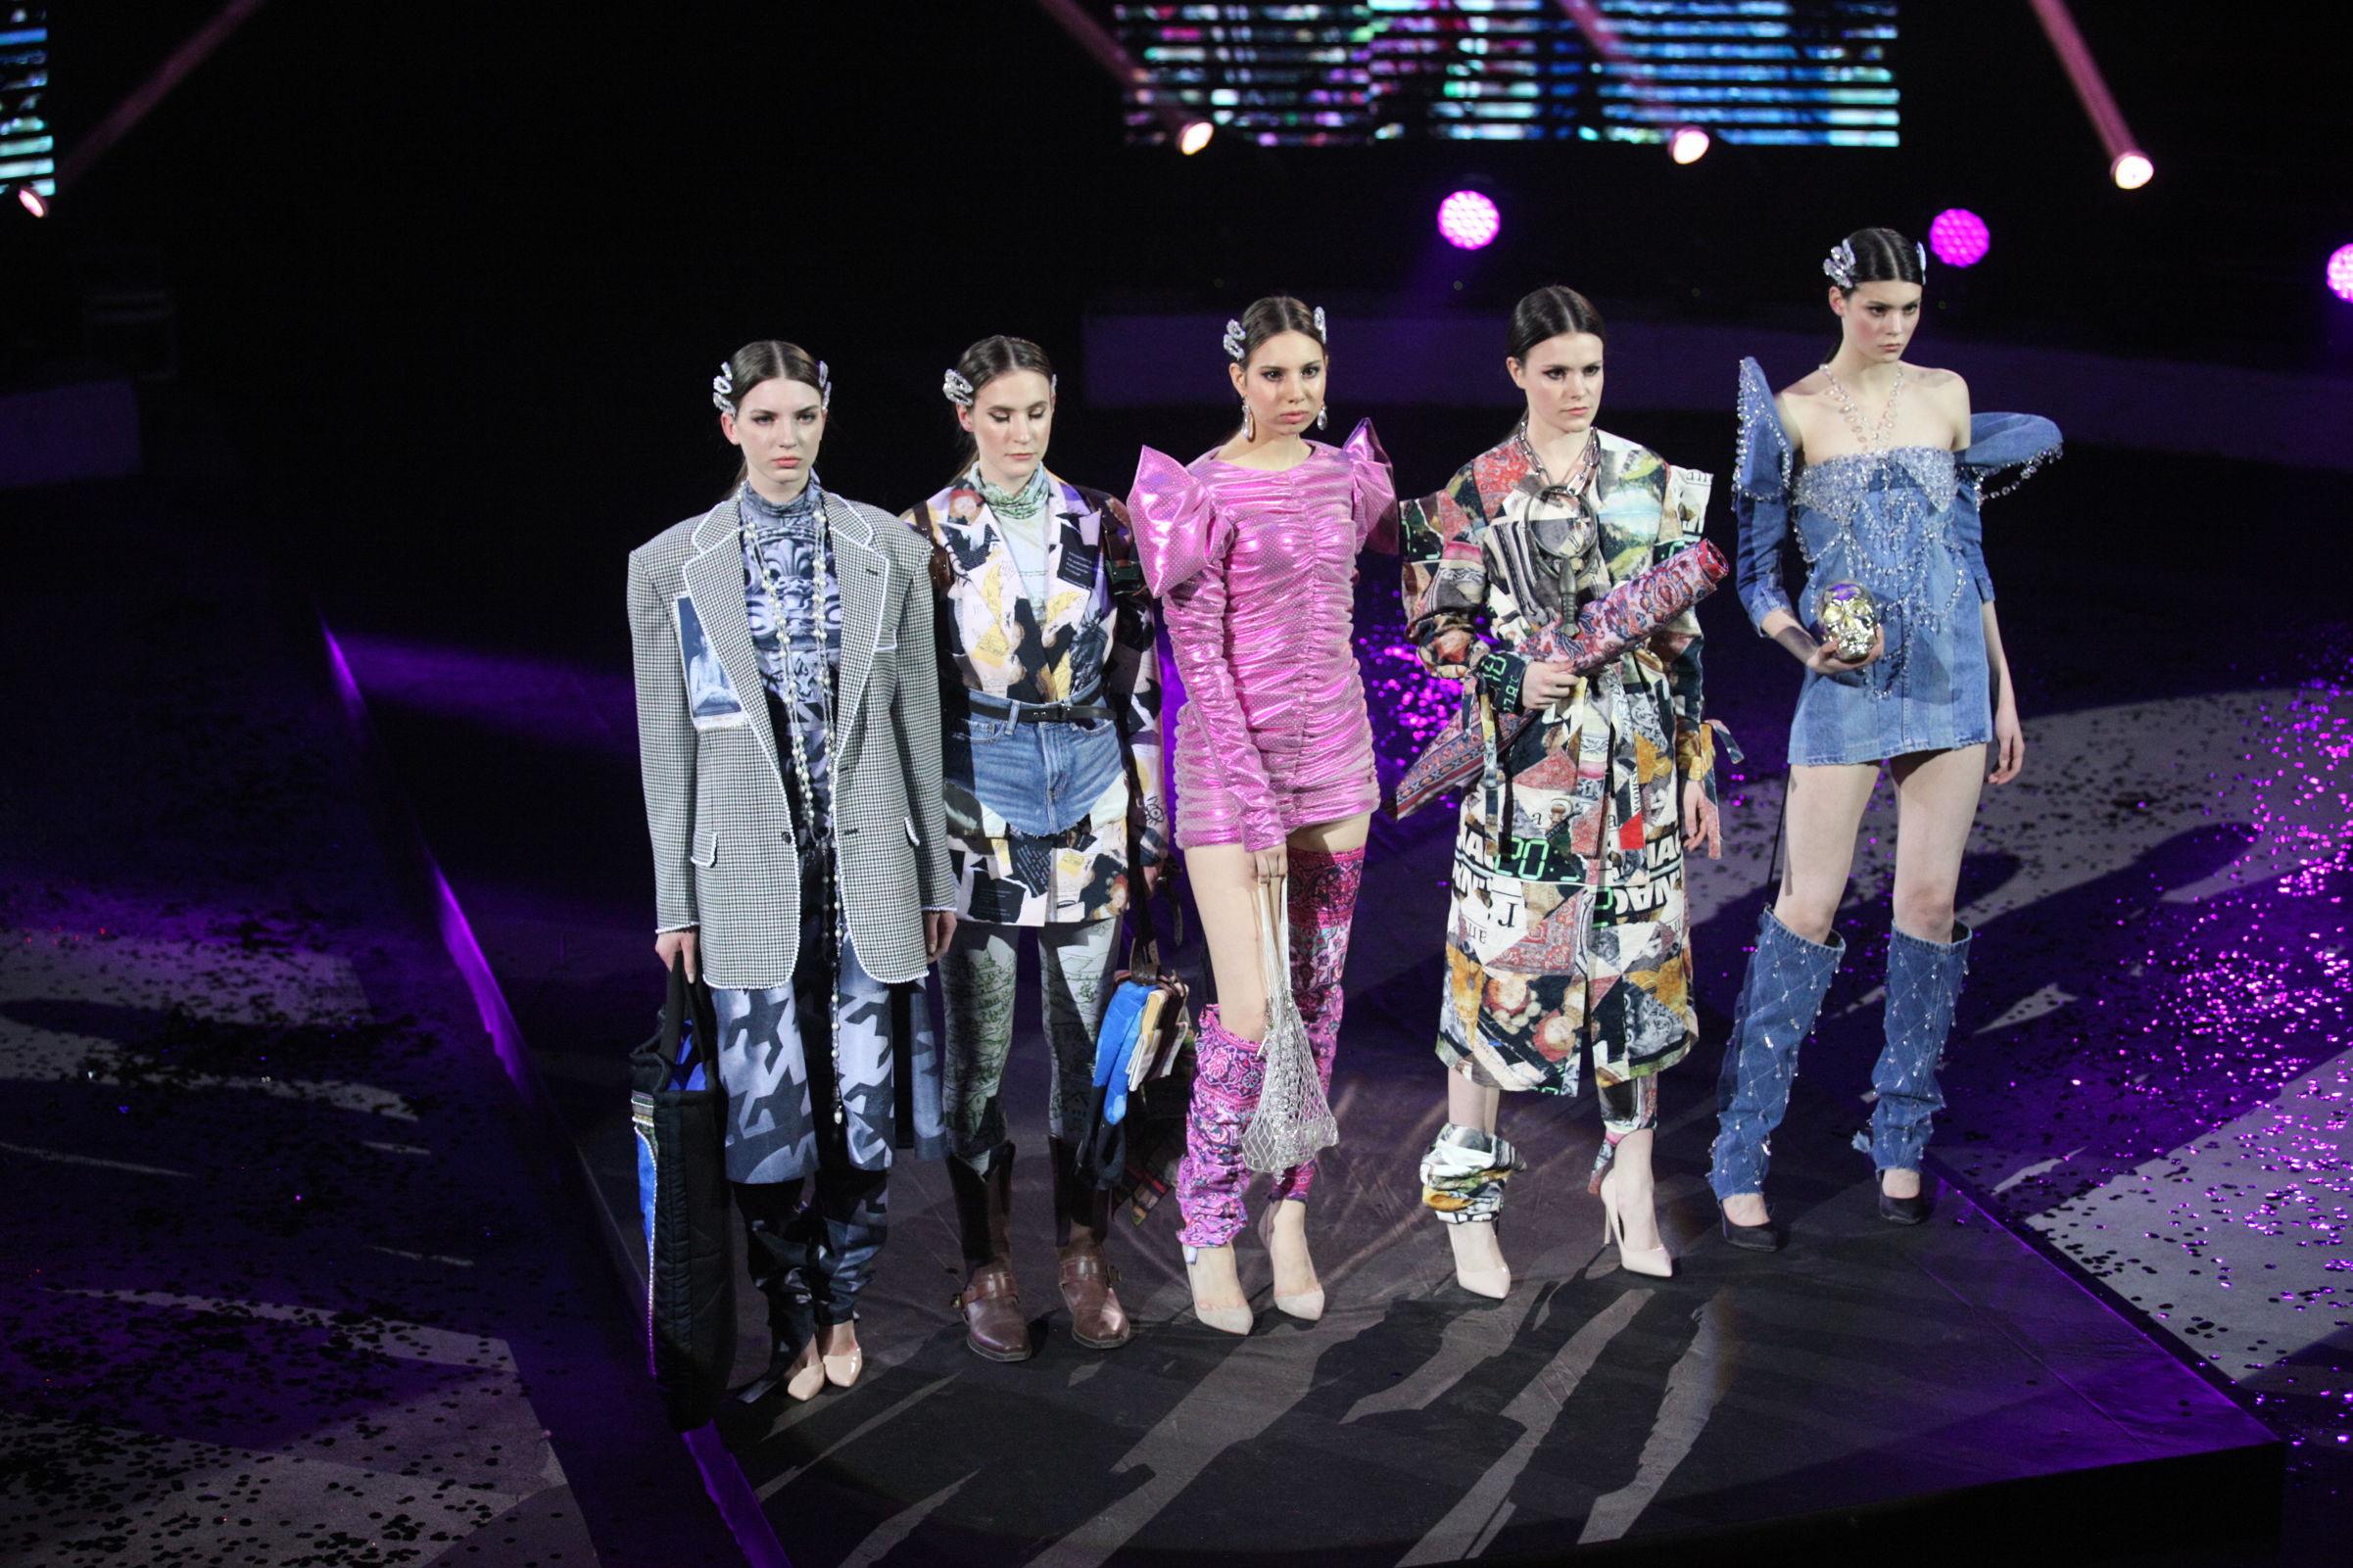 Арена красоты и стиля. Международный фестиваль моды VOLGA FASHION FEST прогремел в Ярославле – фото